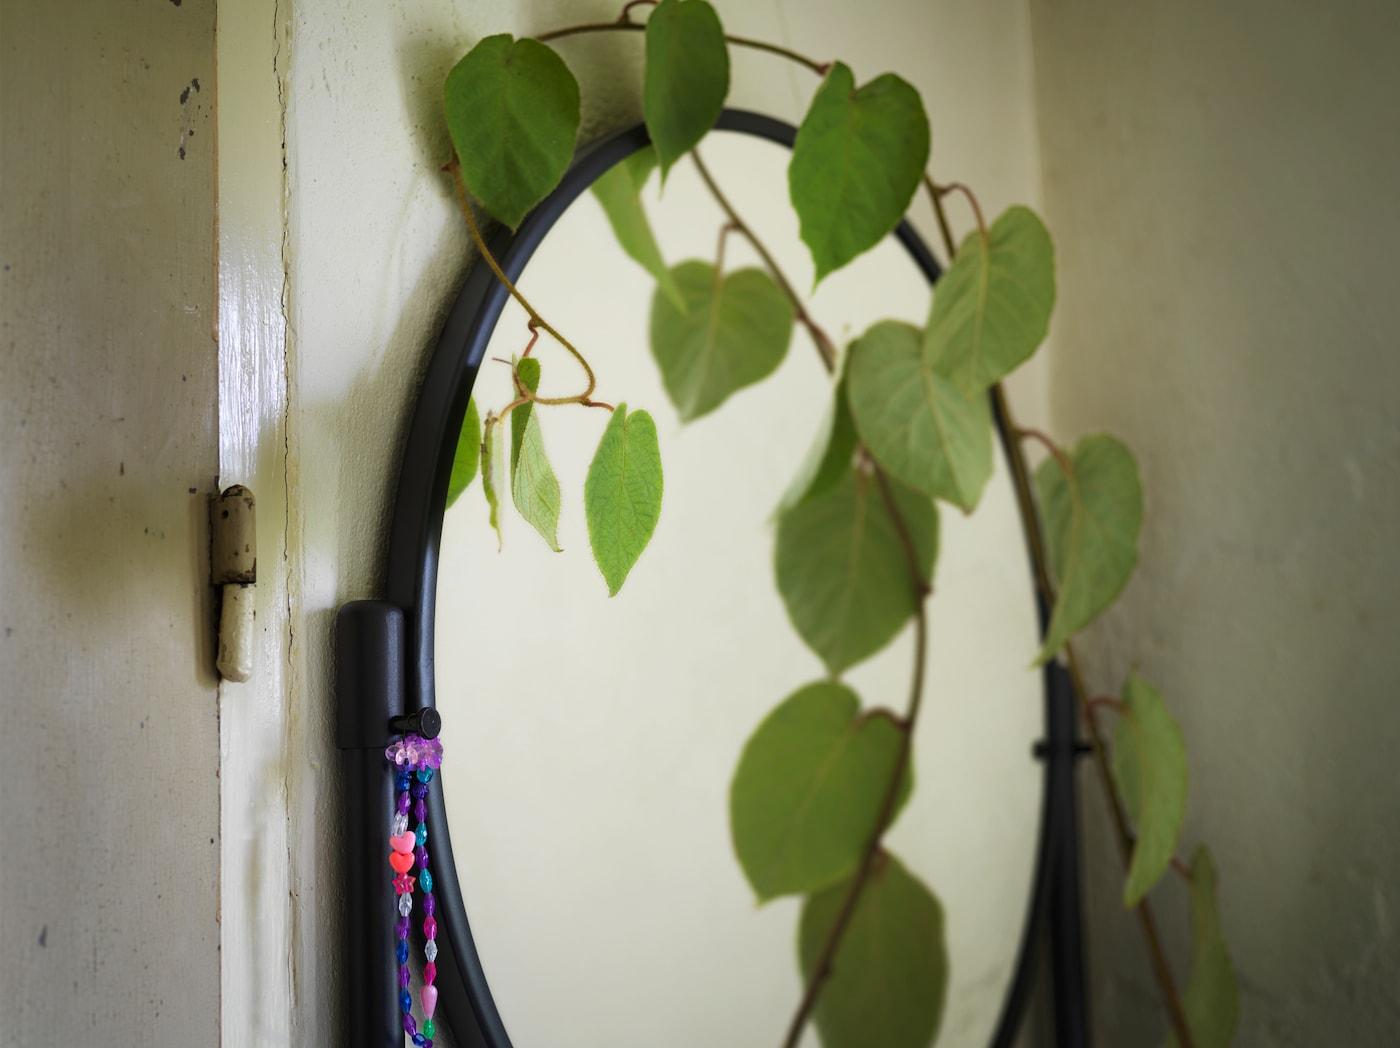 Detalle del espejo redondo del armario KORNSJÖ de color negro con una parra enredada.